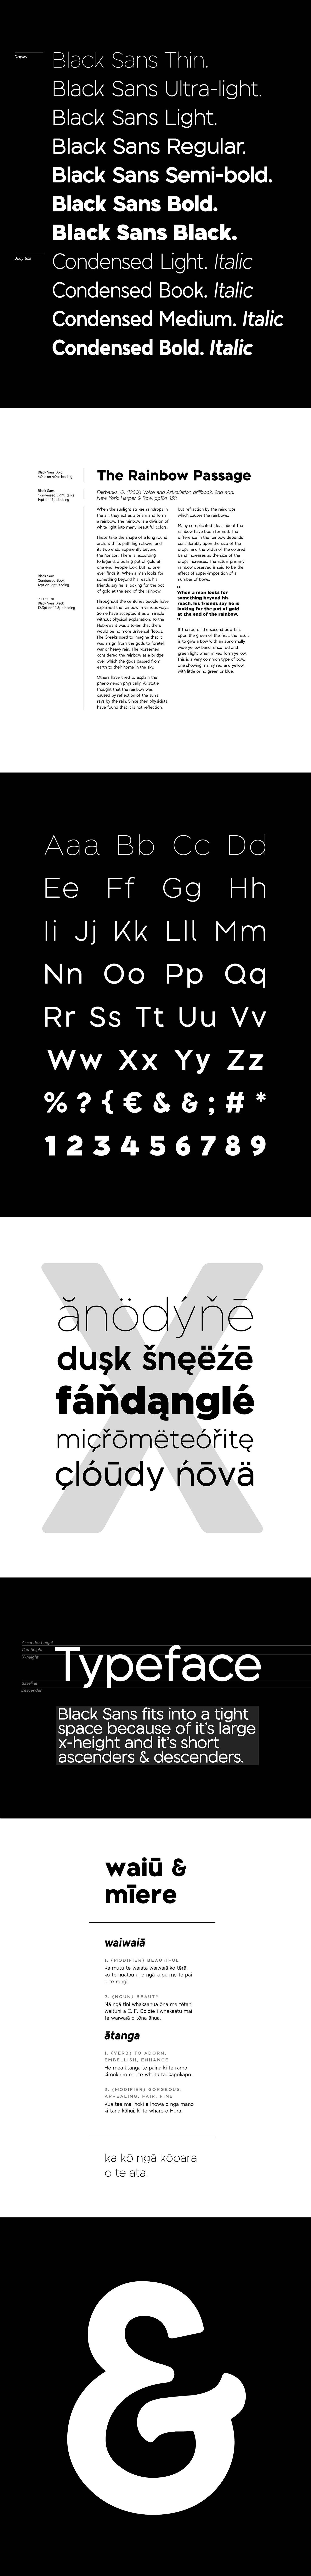 Black-Sans-2016-v1